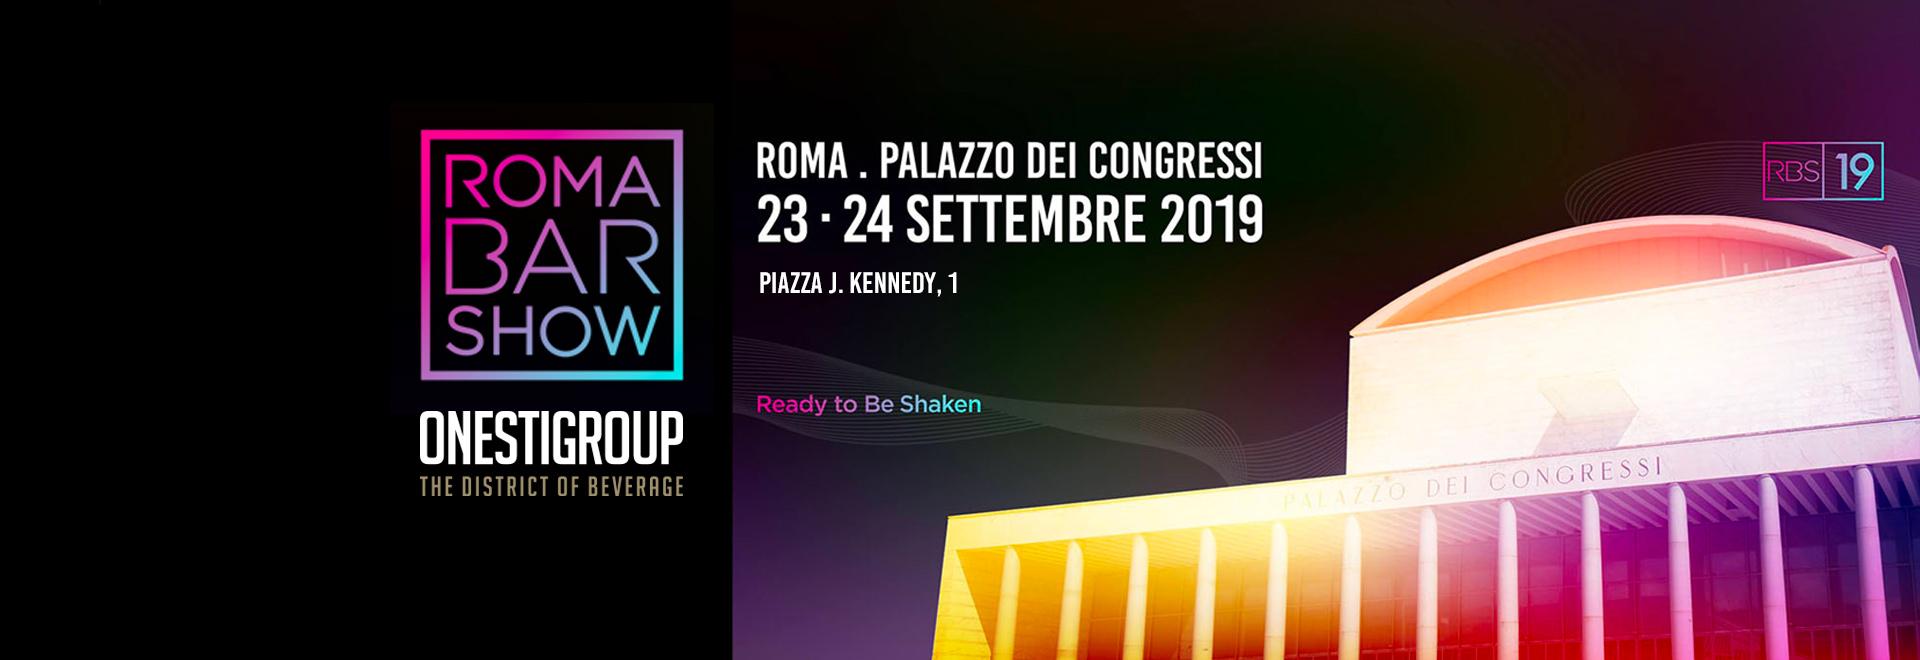 Bar show roma